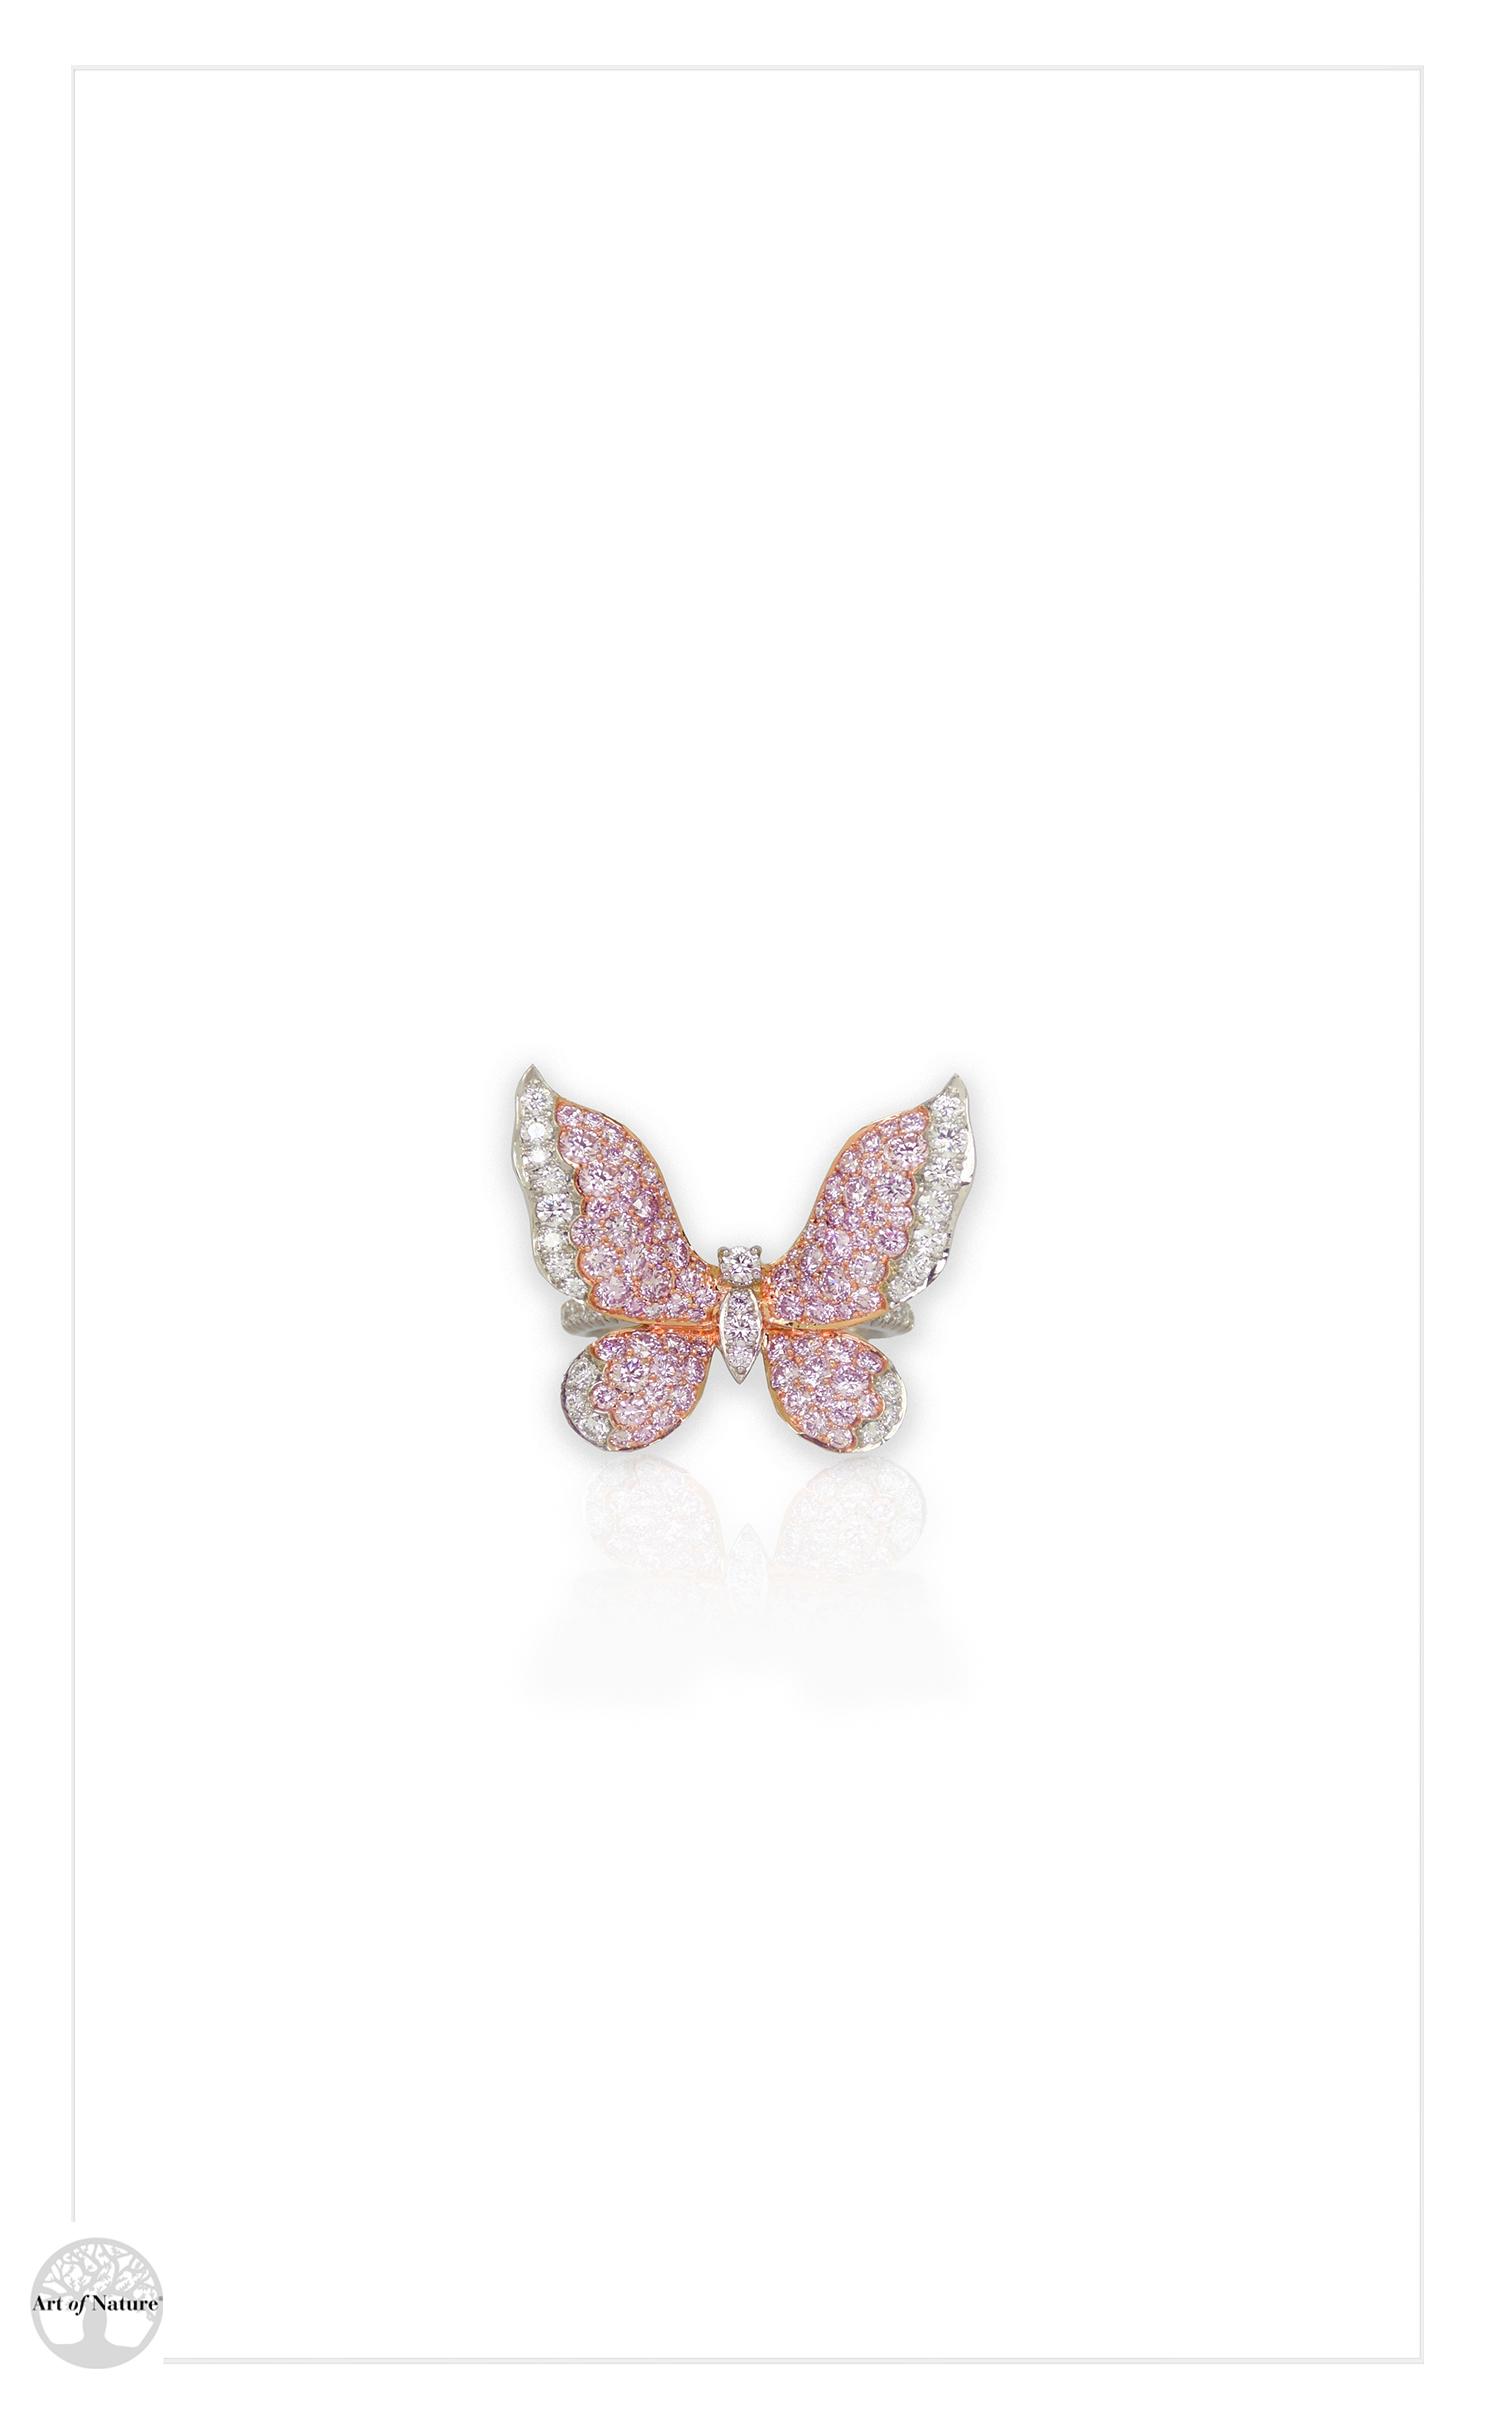 Scott West - Butterfly ring